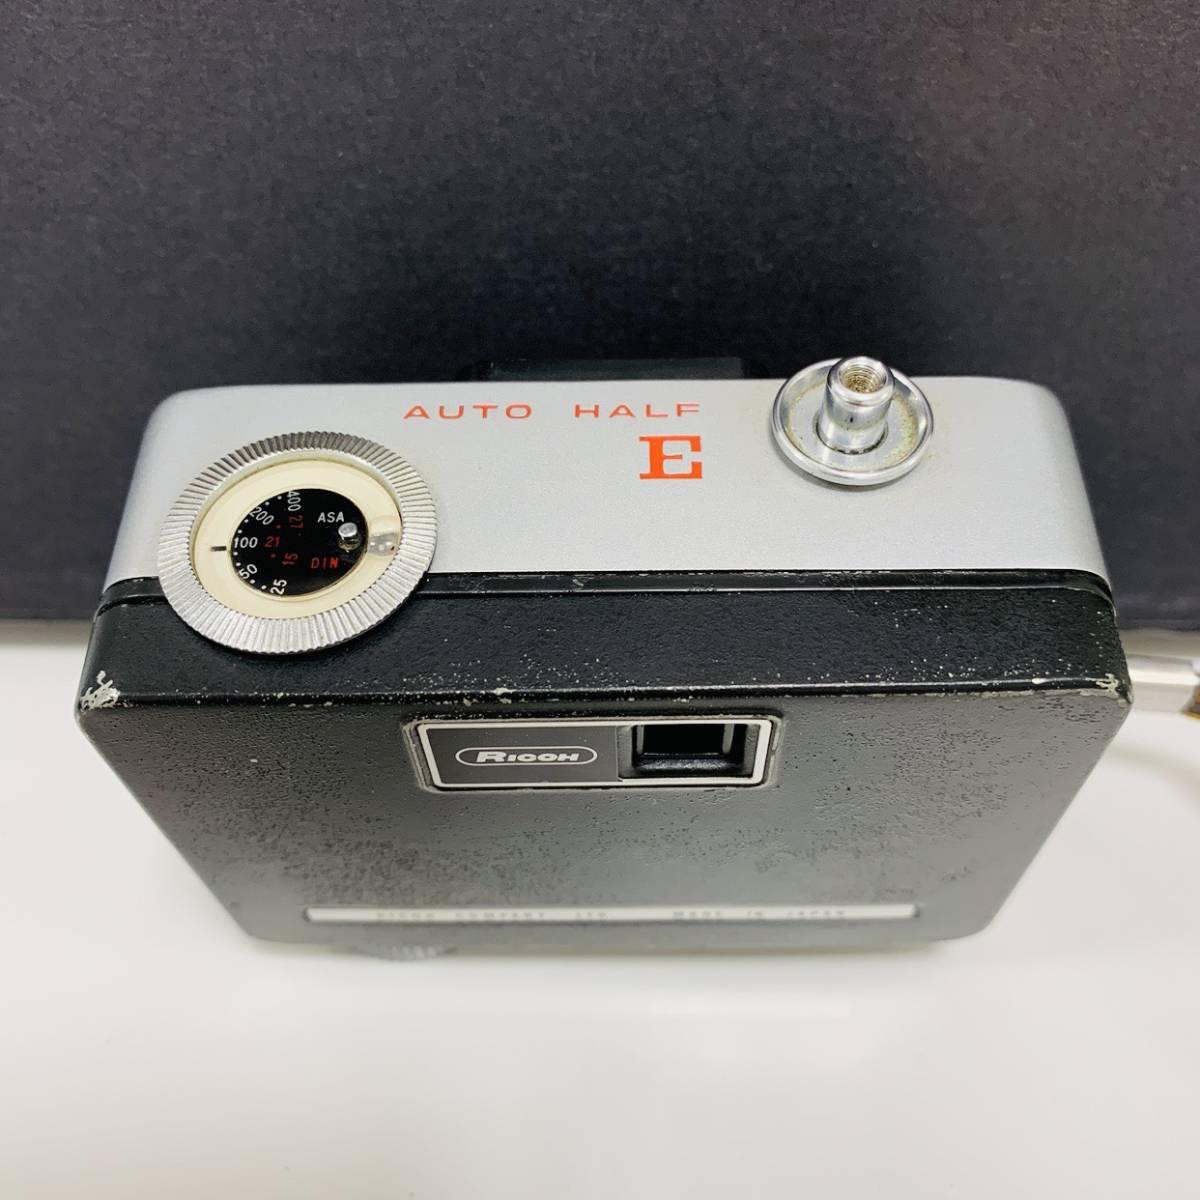 【2954】 RICOH リコー AUTO HALF E F:2.8 f=25mm カメラ 25mm オートハーフ シルバー×イエロー_画像5